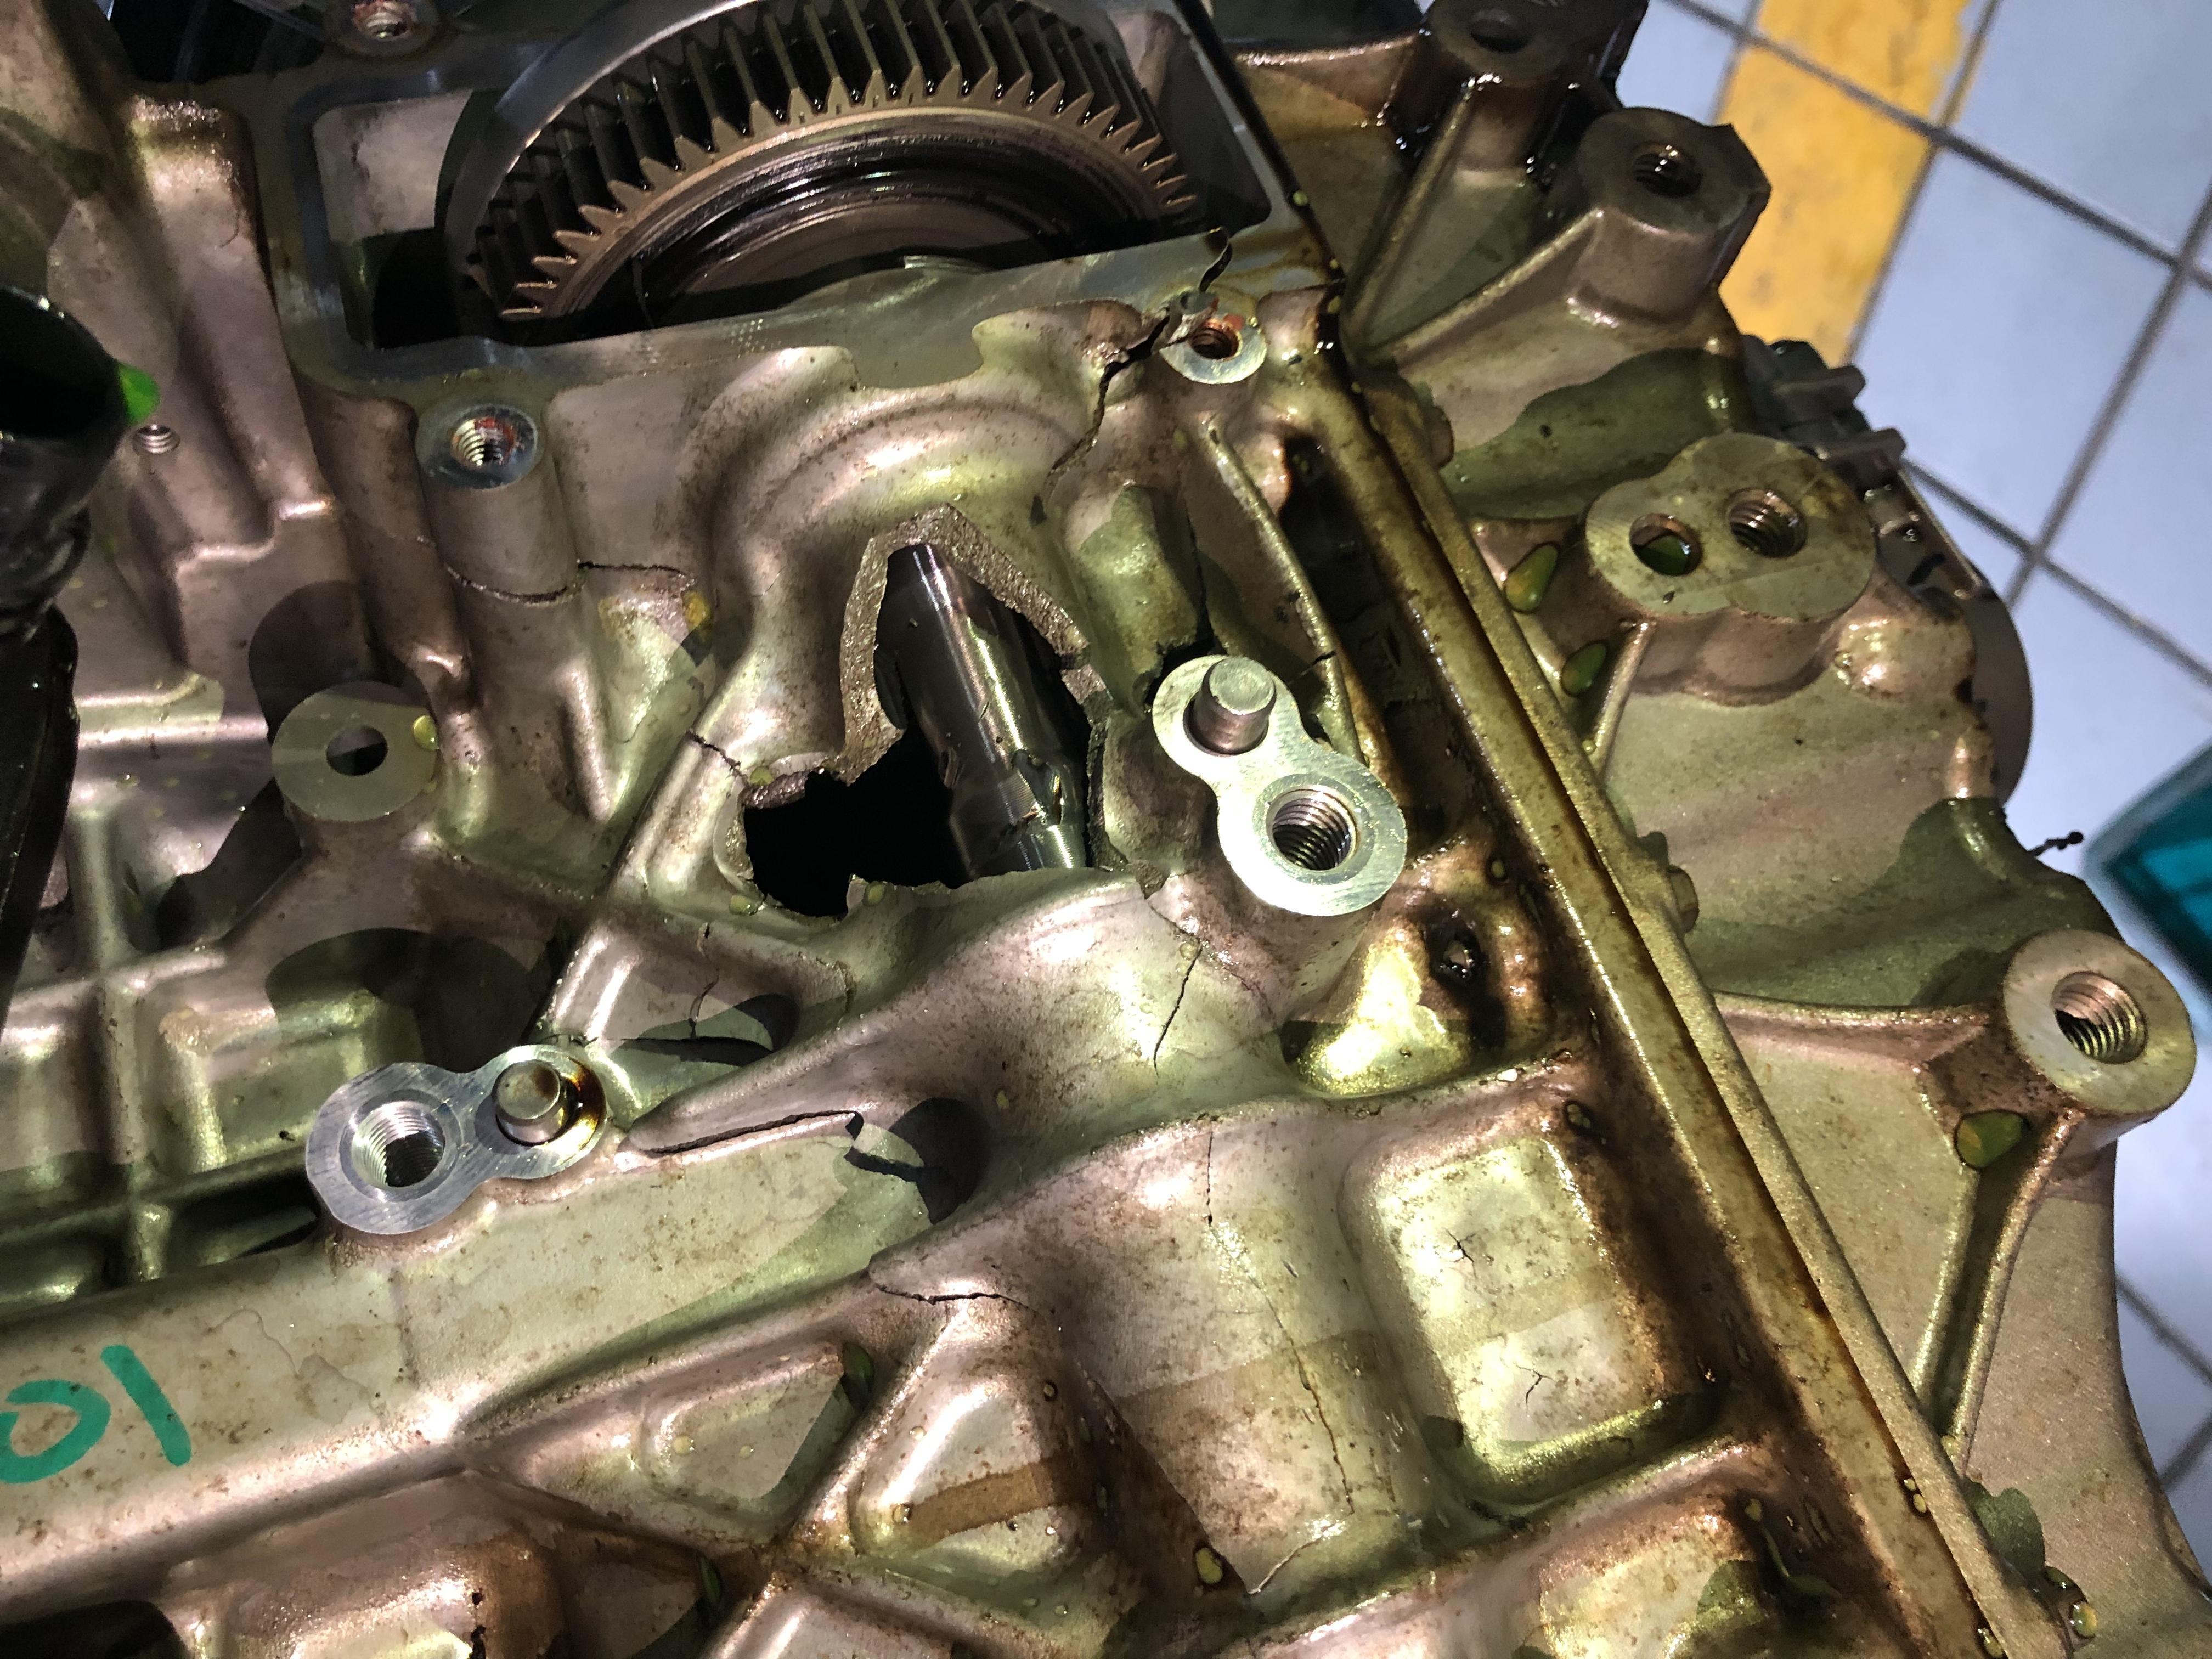 东风标致-标致308S 正常实行发动机连杆断裂导致发动机打了一个大洞